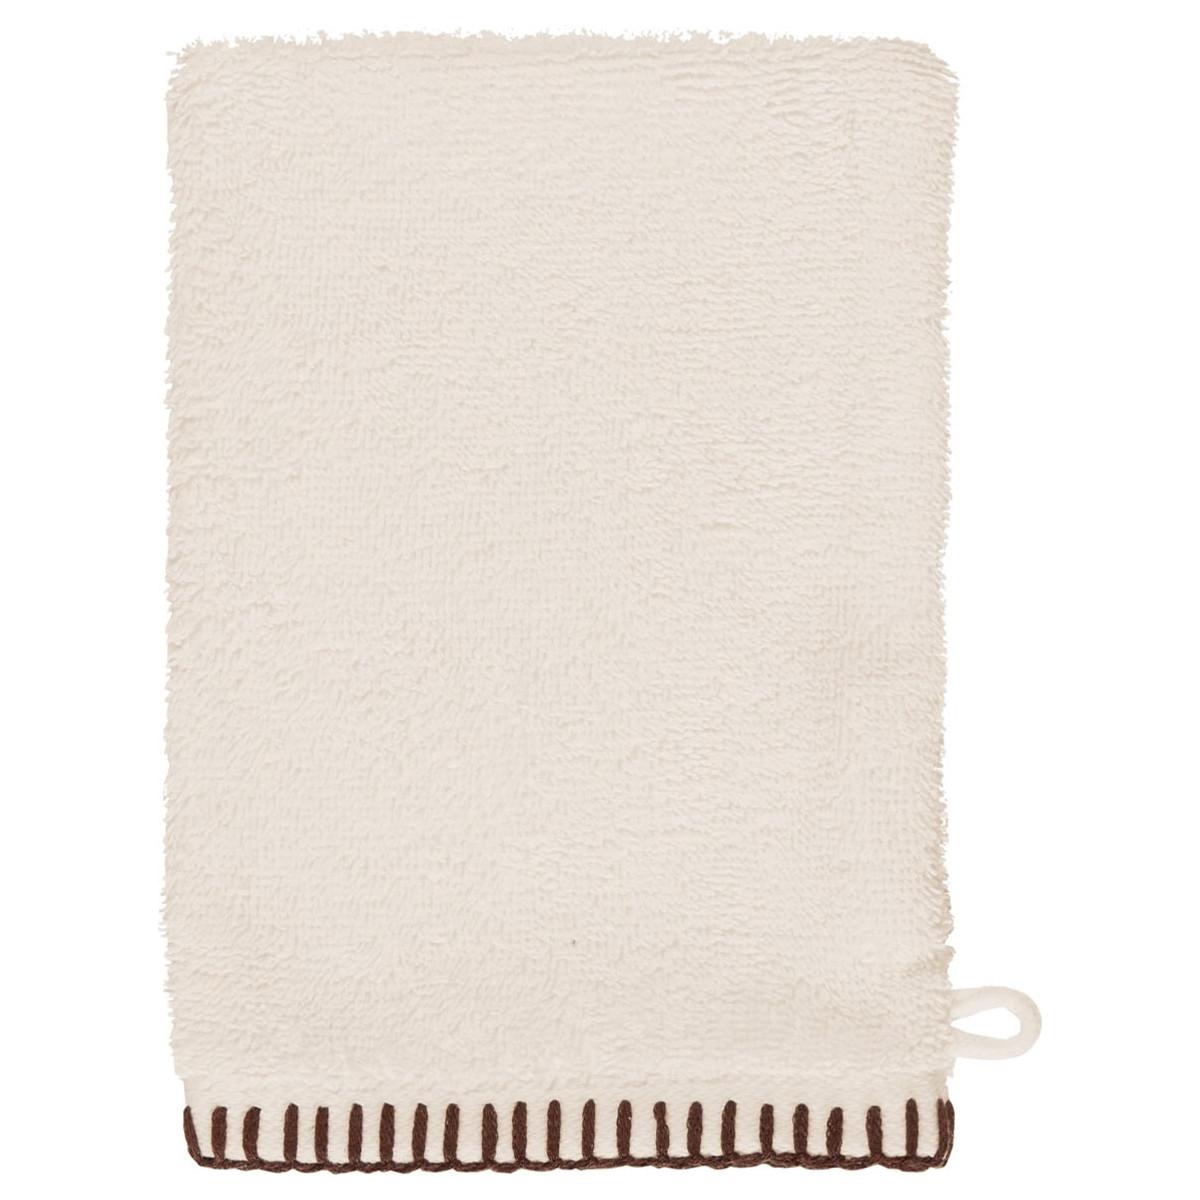 ANTHINEA - Lot de 2 gants de toilette coton bi Ecru 16x22 cm